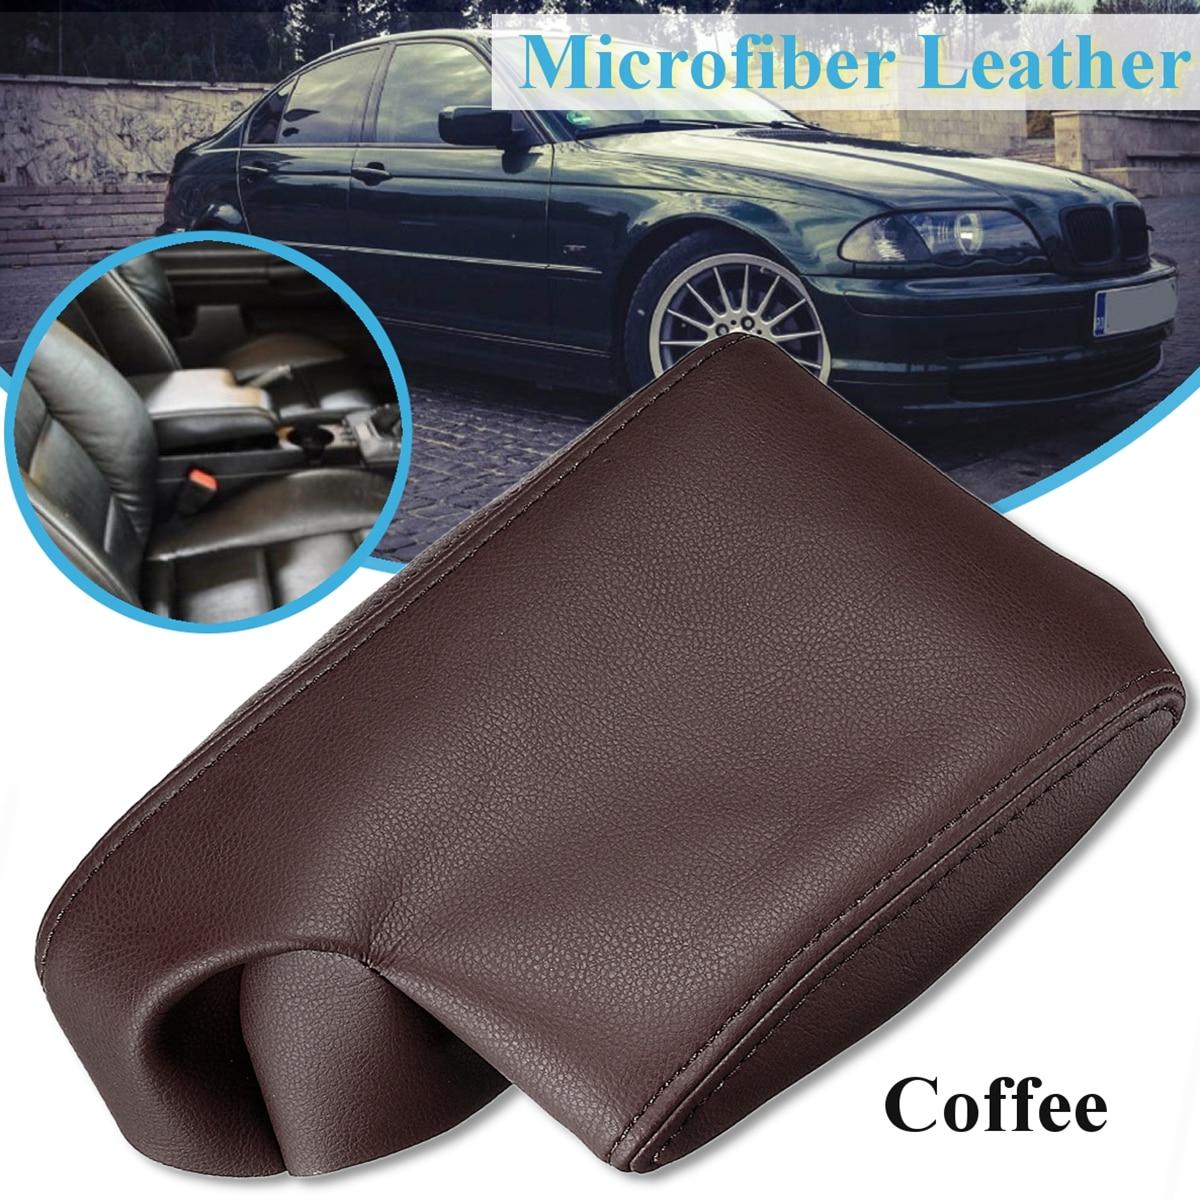 Кожаная крышка подлокотника для центральной консоли, чехол из микрофибры для кожаных сидений для BMW E36 318i 320i 323i 235i 1991 1991-2009, 4 цвета